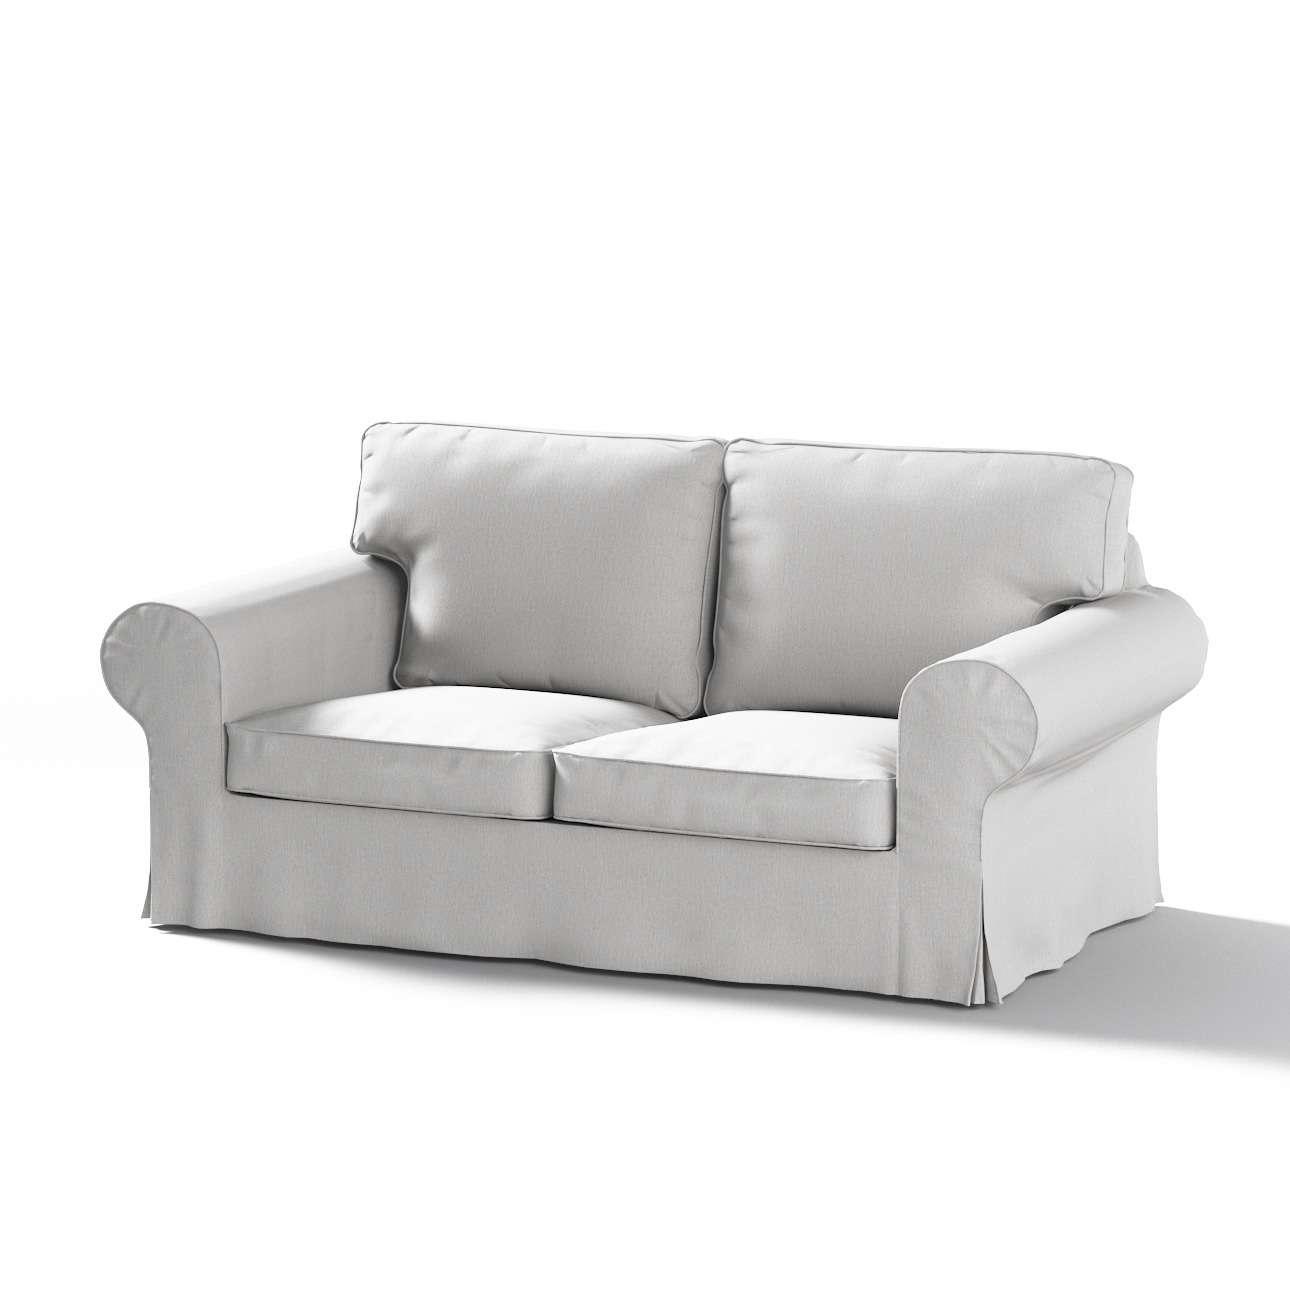 Potah na pohovku IKEA  Ektorp 2-místná, nerozkládací pohovka Ektorp 2-místná v kolekci Chenille , látka: 702-23